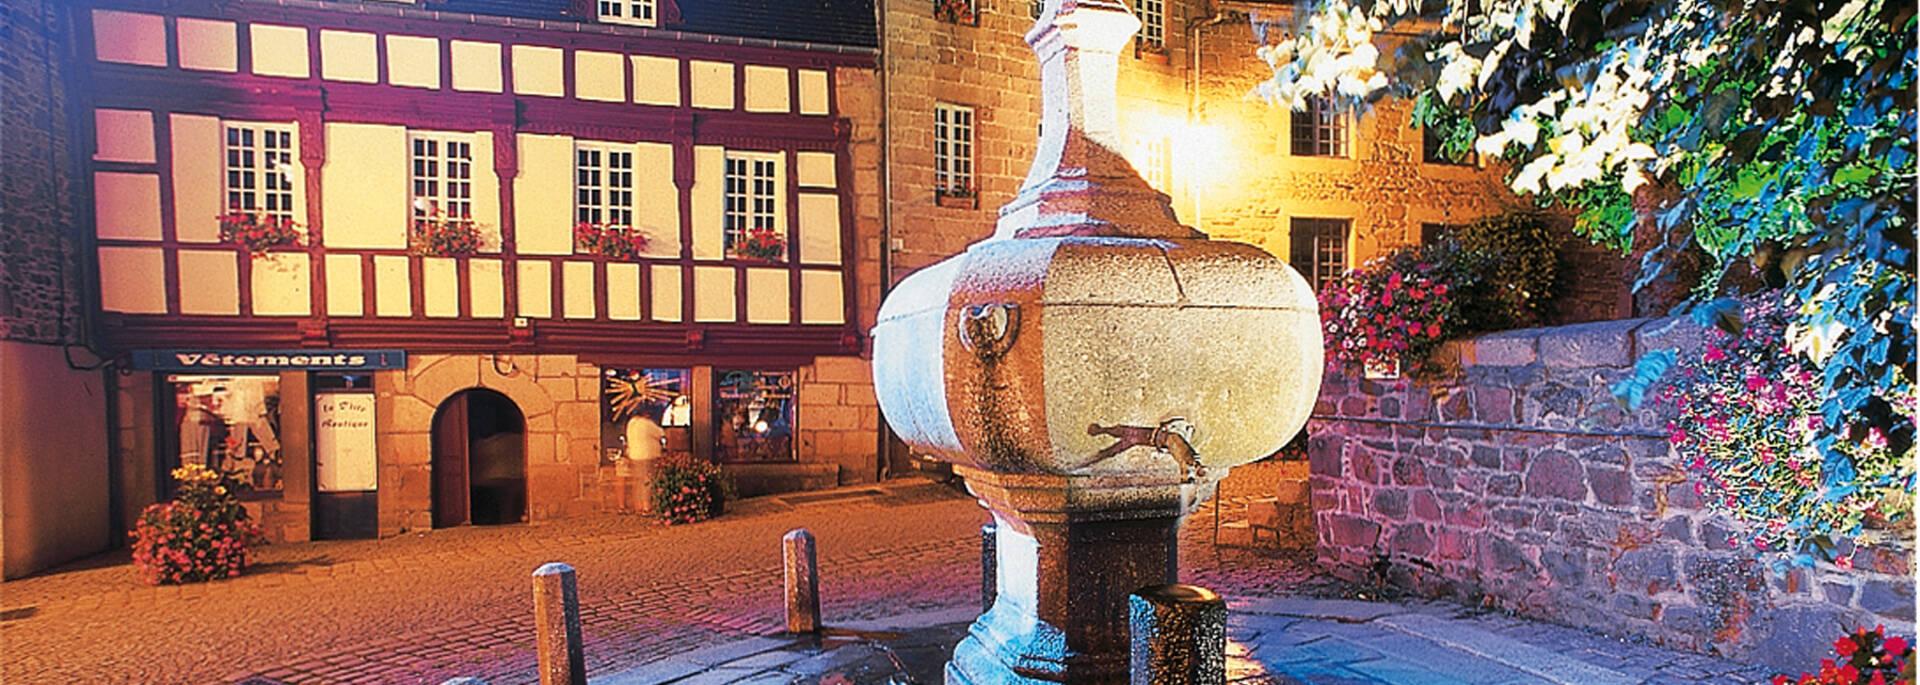 Fontaine La Plomée, Place le Trocquer à Pontrieux, sous les lueurs du parcours lumière ©F. Hamon